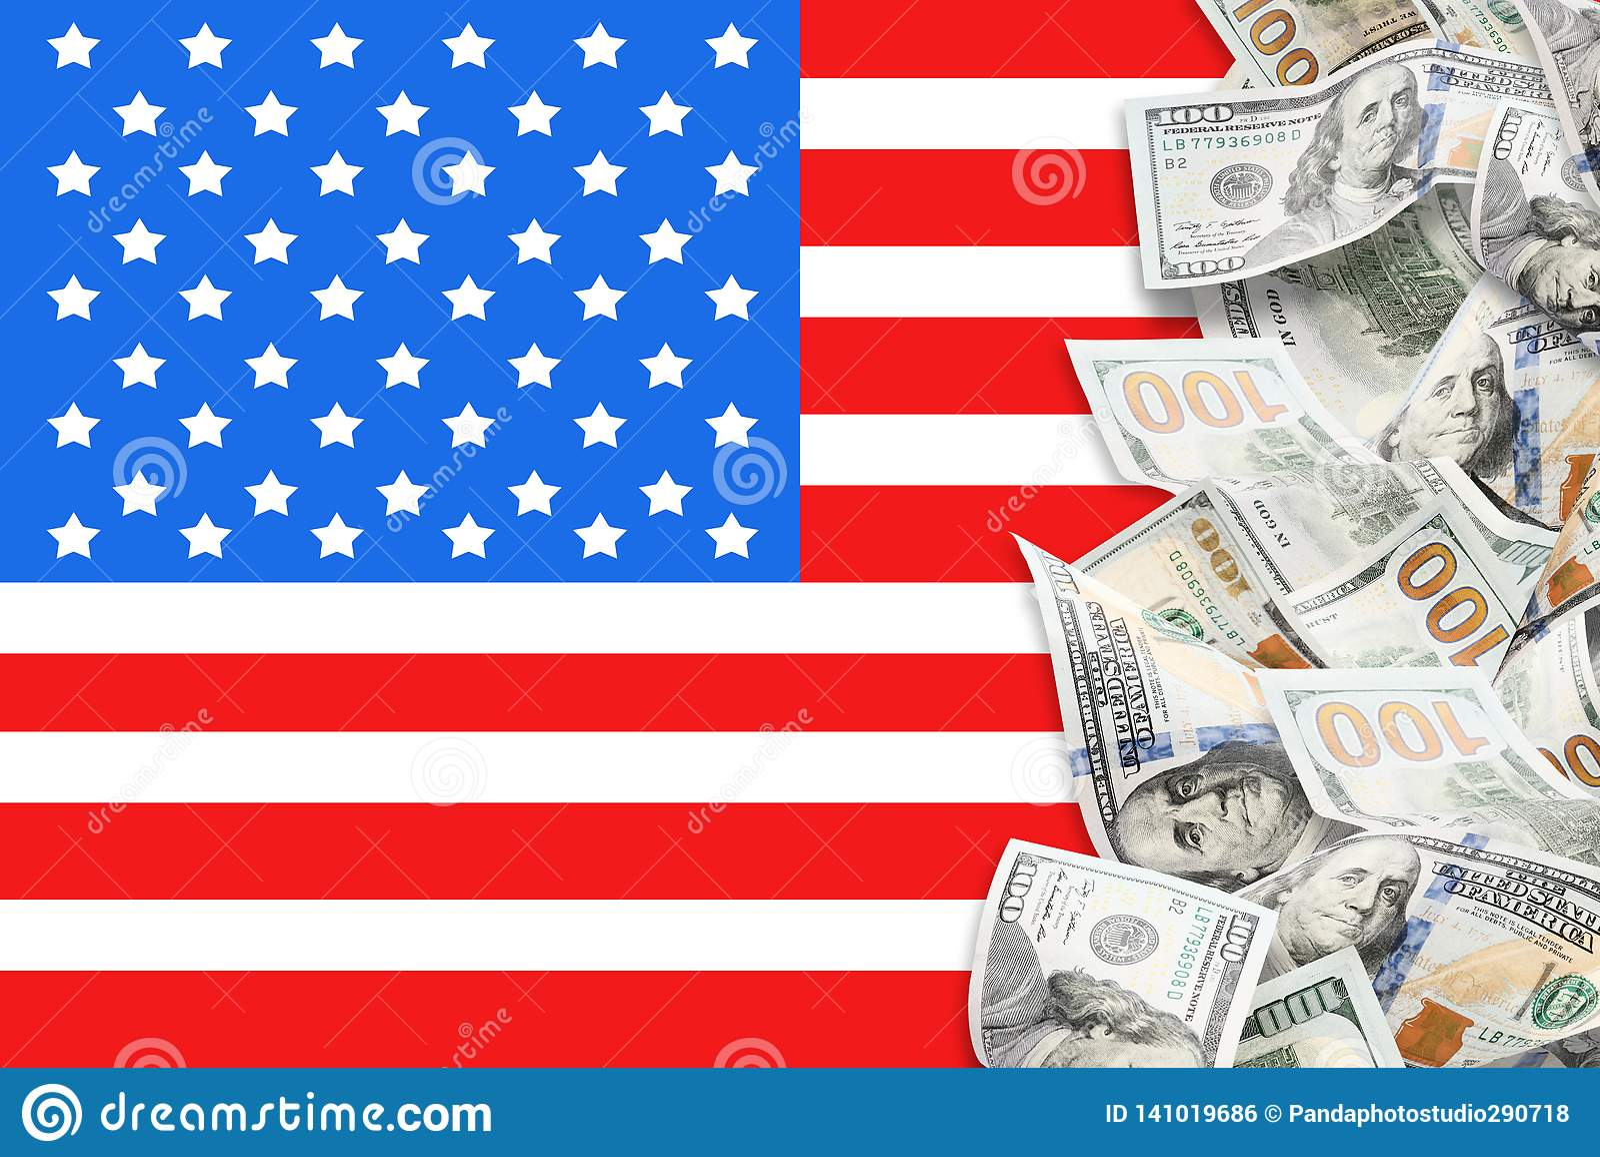 Heel wat dollars en Amerikaanse vlag